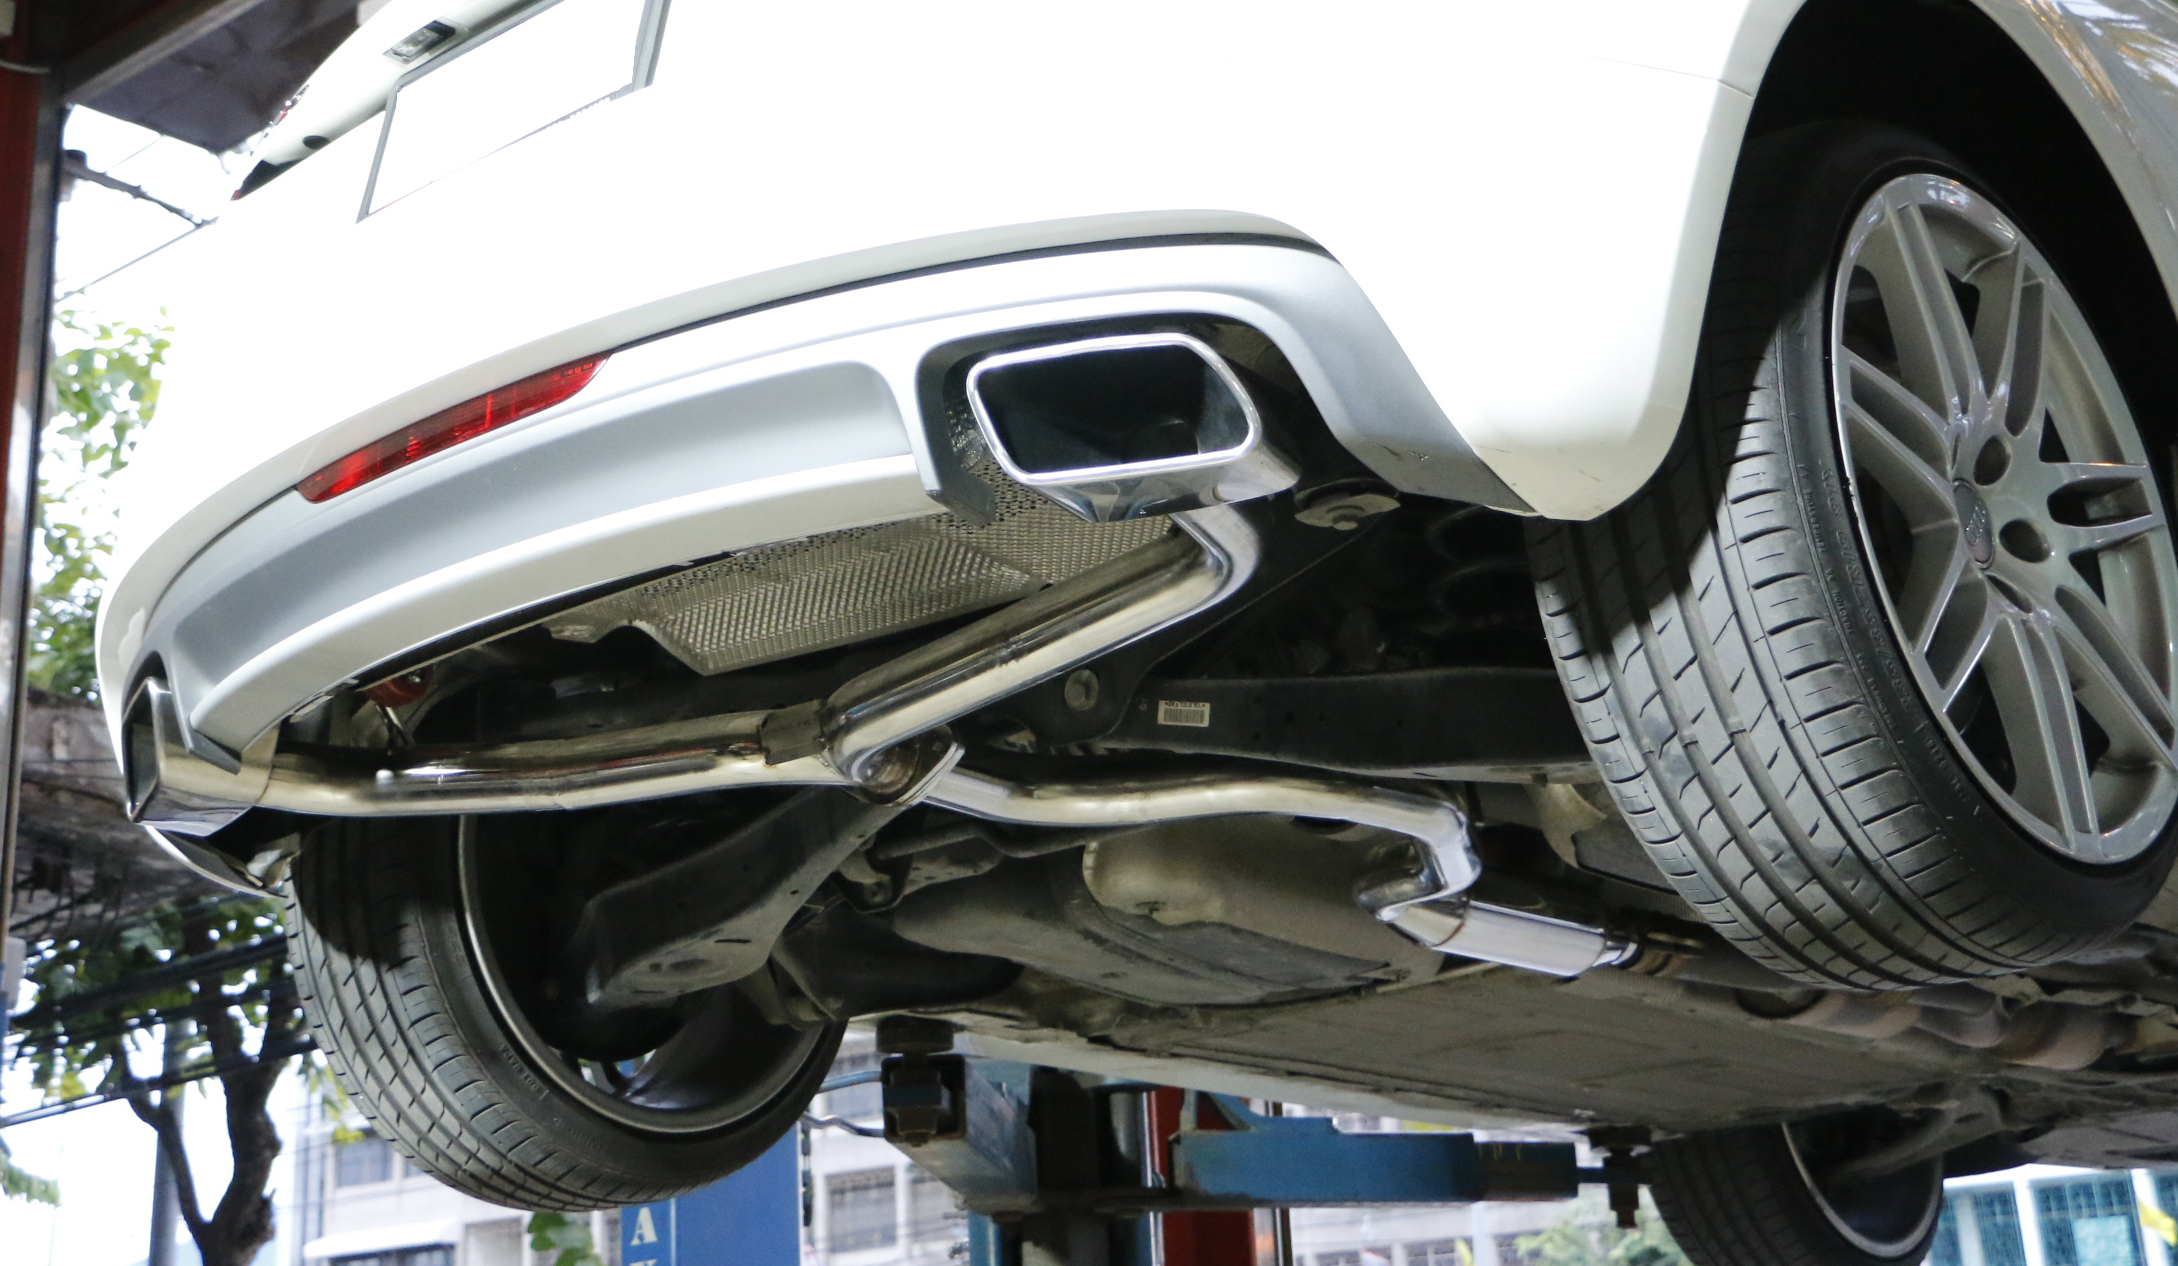 ท่อไอเสีย และวิธีการเพิ่มประสิทธิภาพรถยนต์